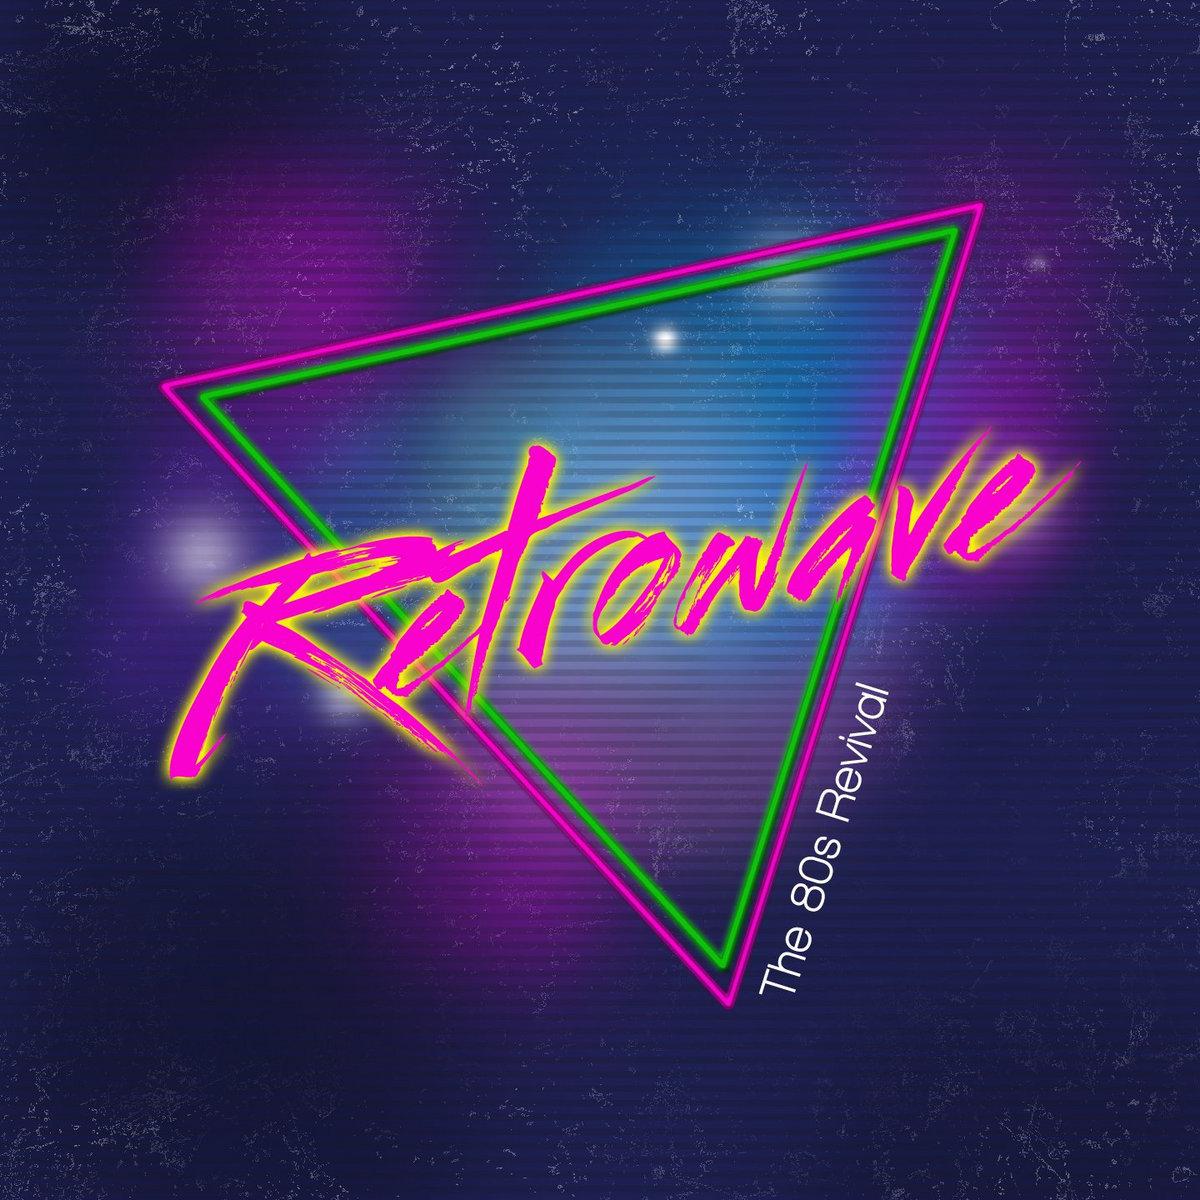 Retrowave (The 80s Revival) | Kiez Beats